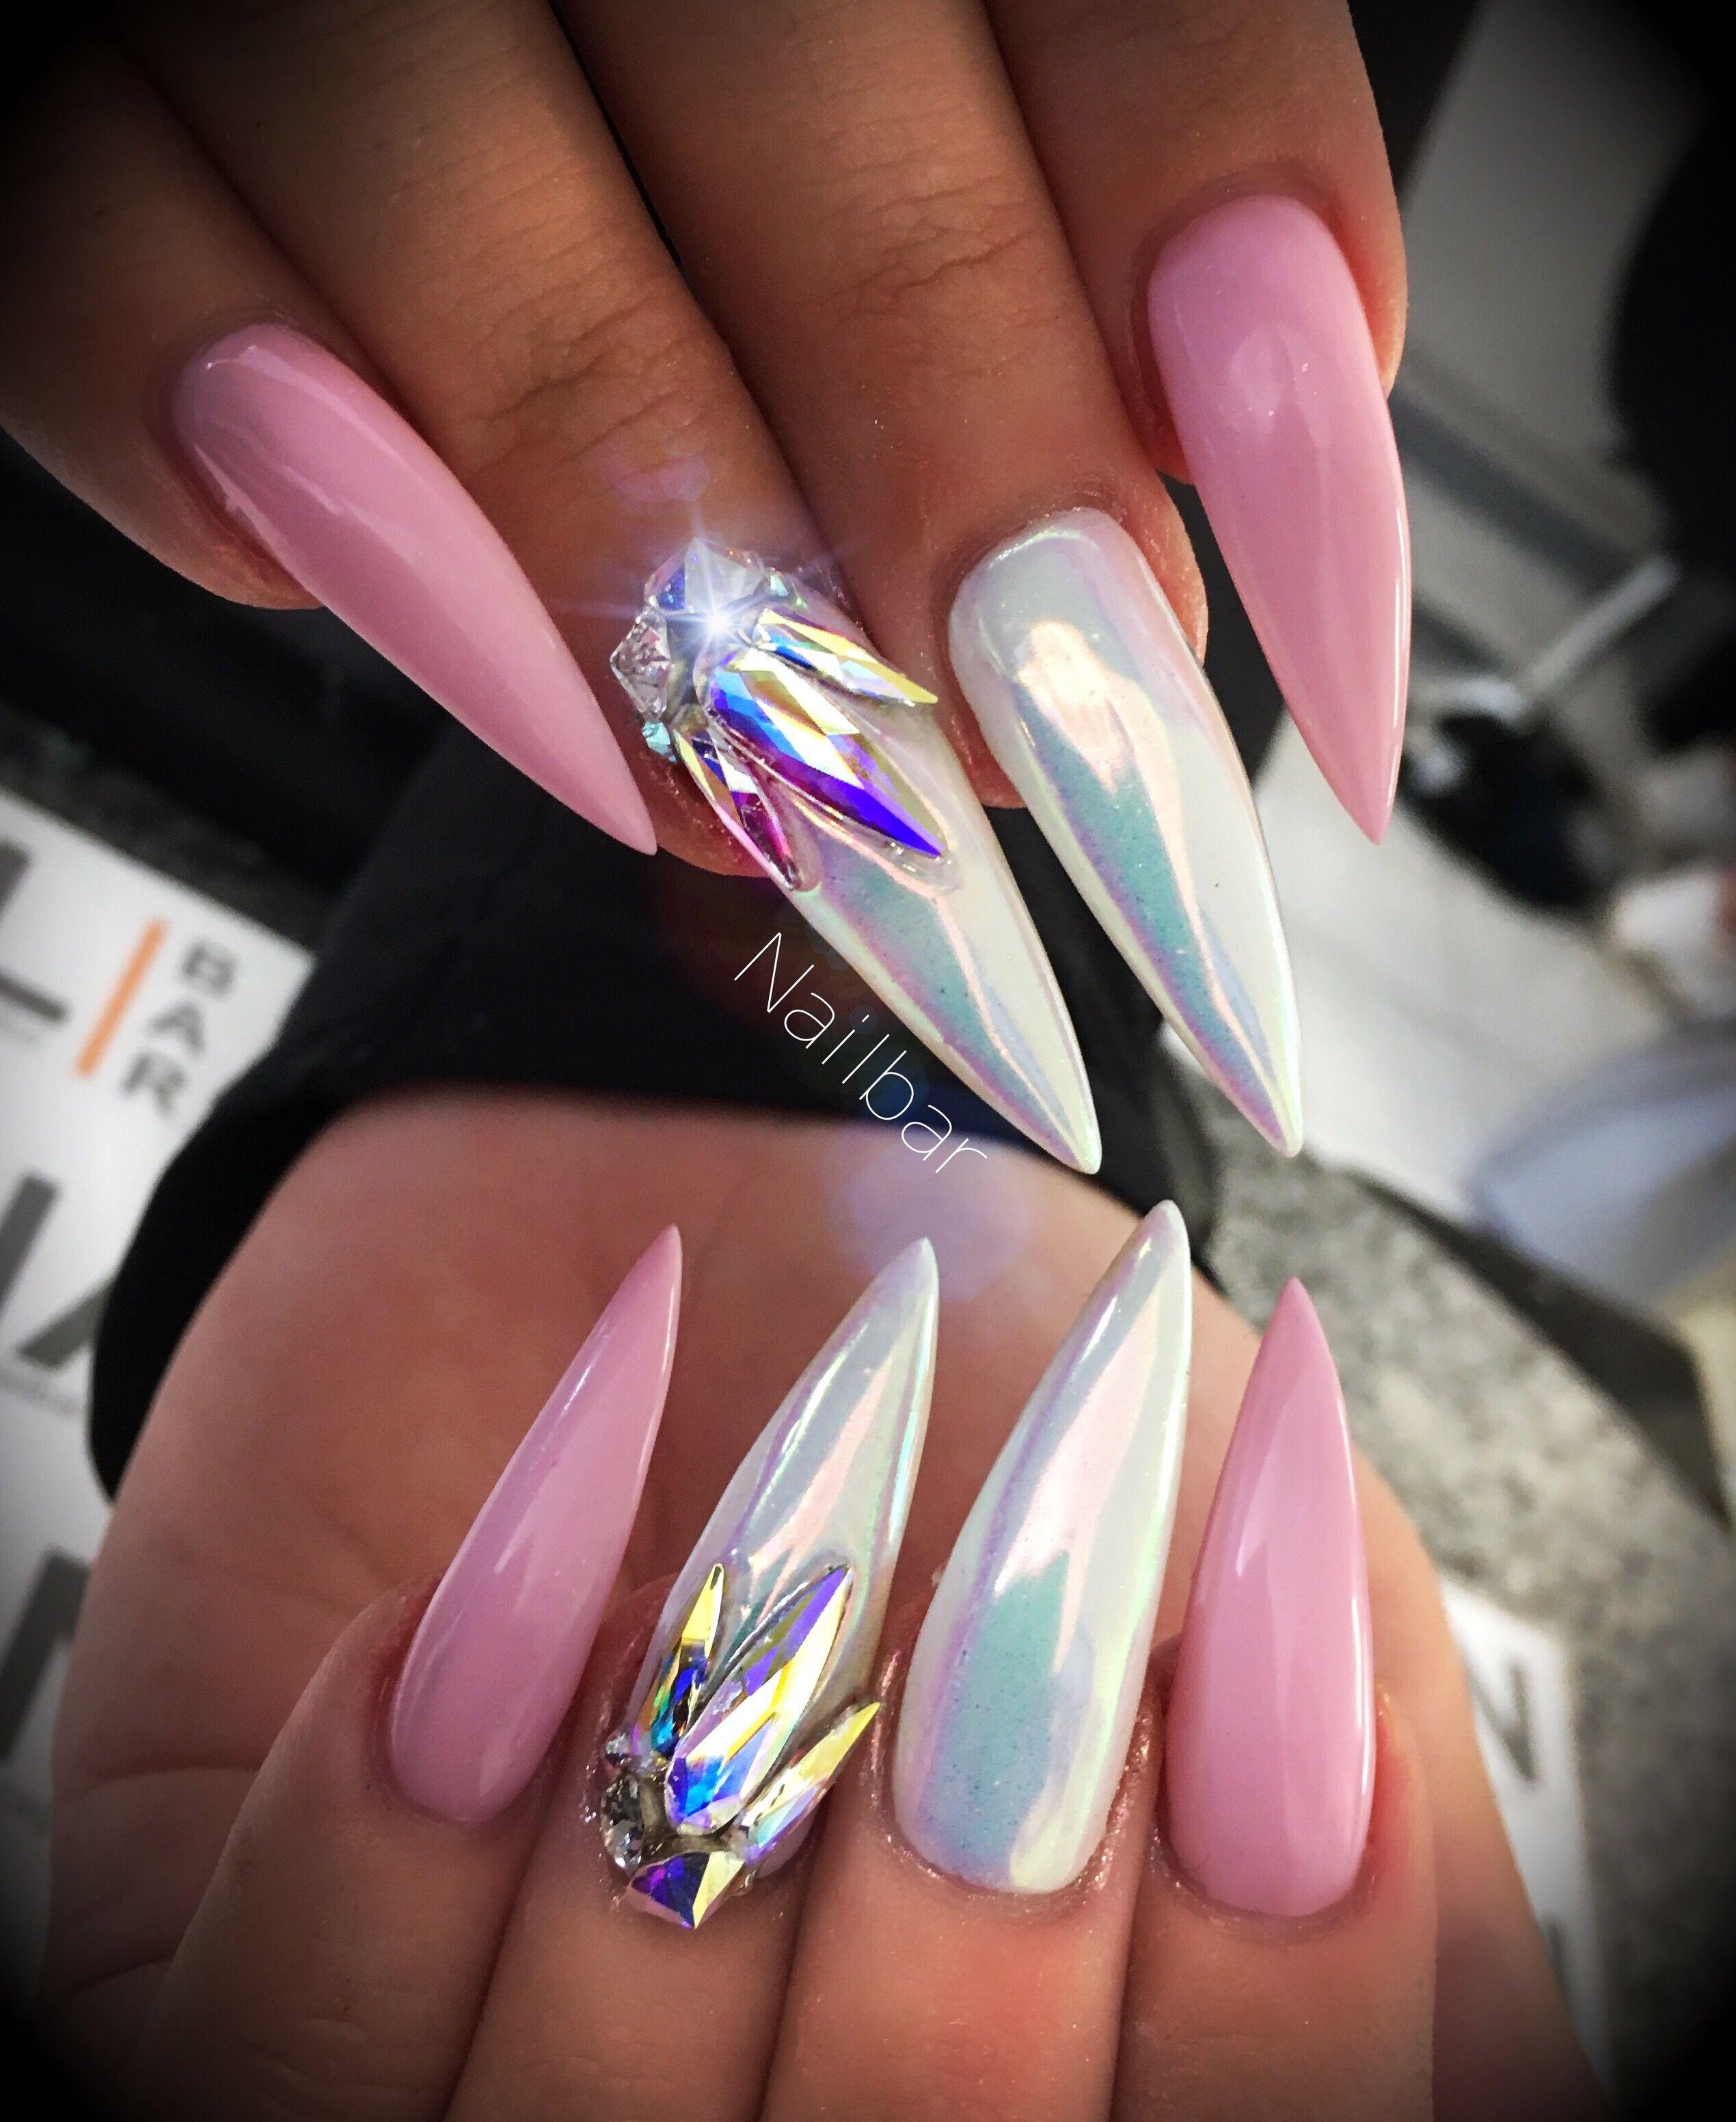 Pink and white bling nails | Nails | Pinterest | Bling nails, Nail ...